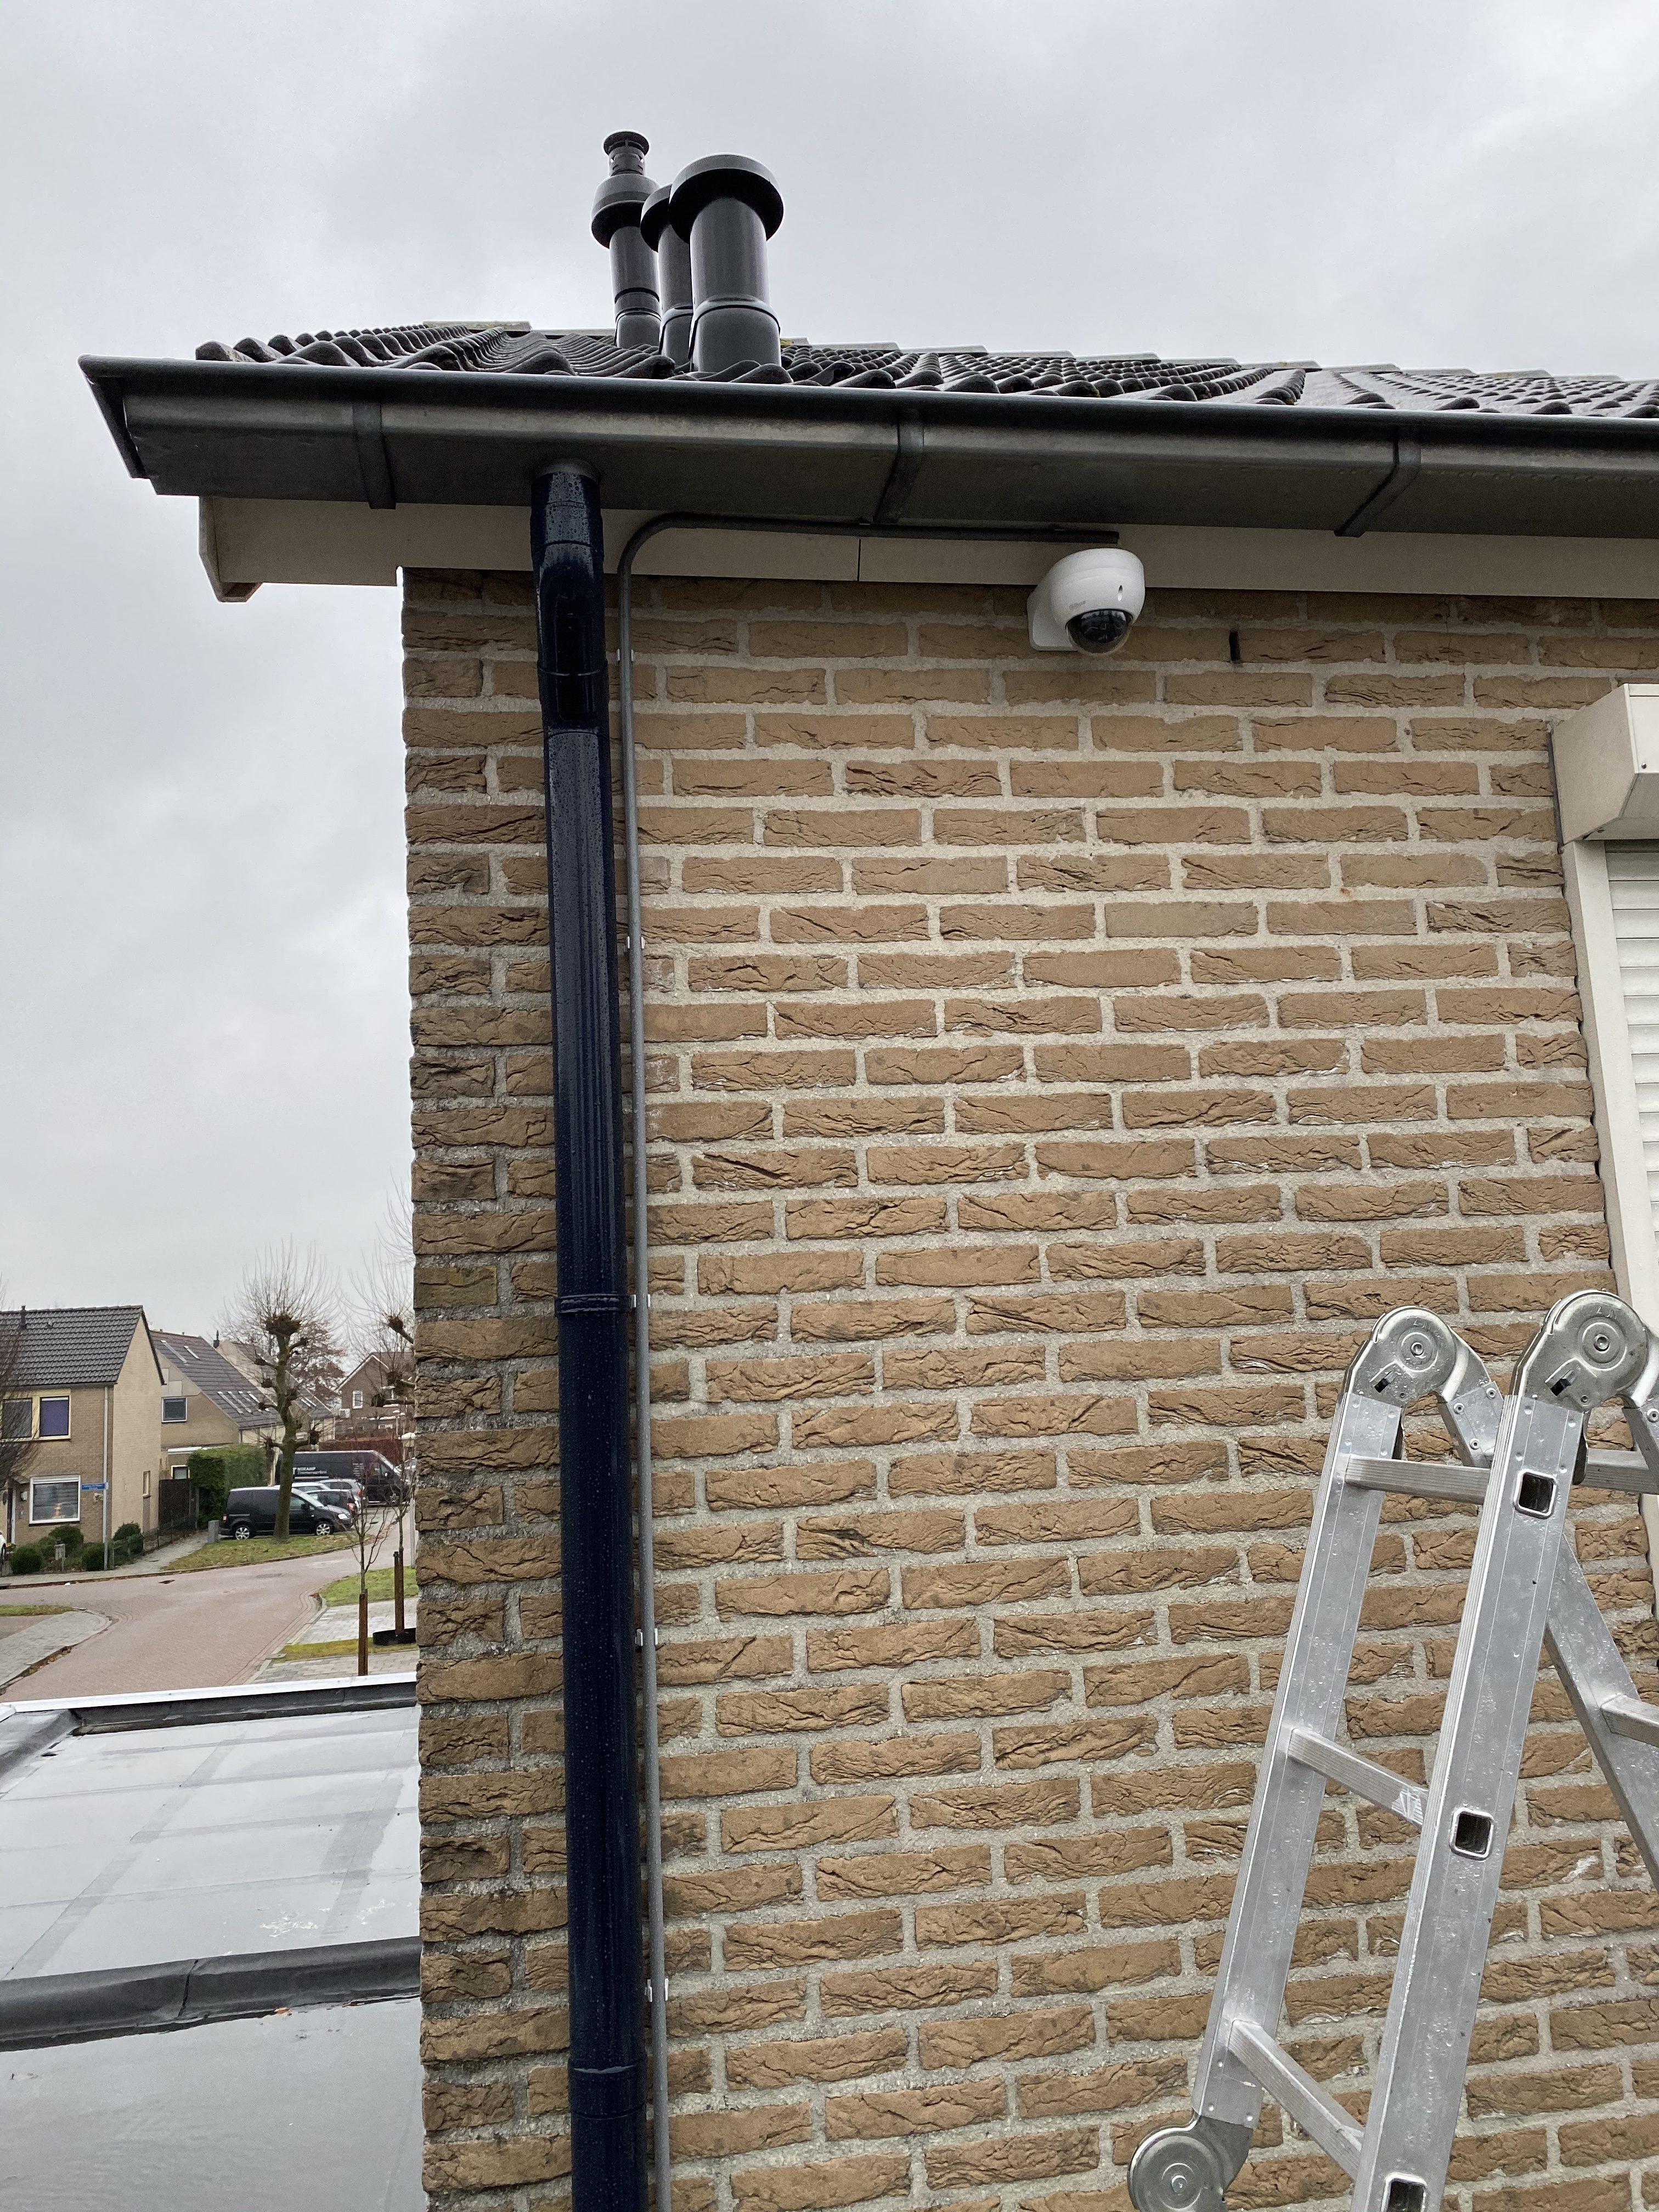 Beveiligingscamera op beugel voor een woning